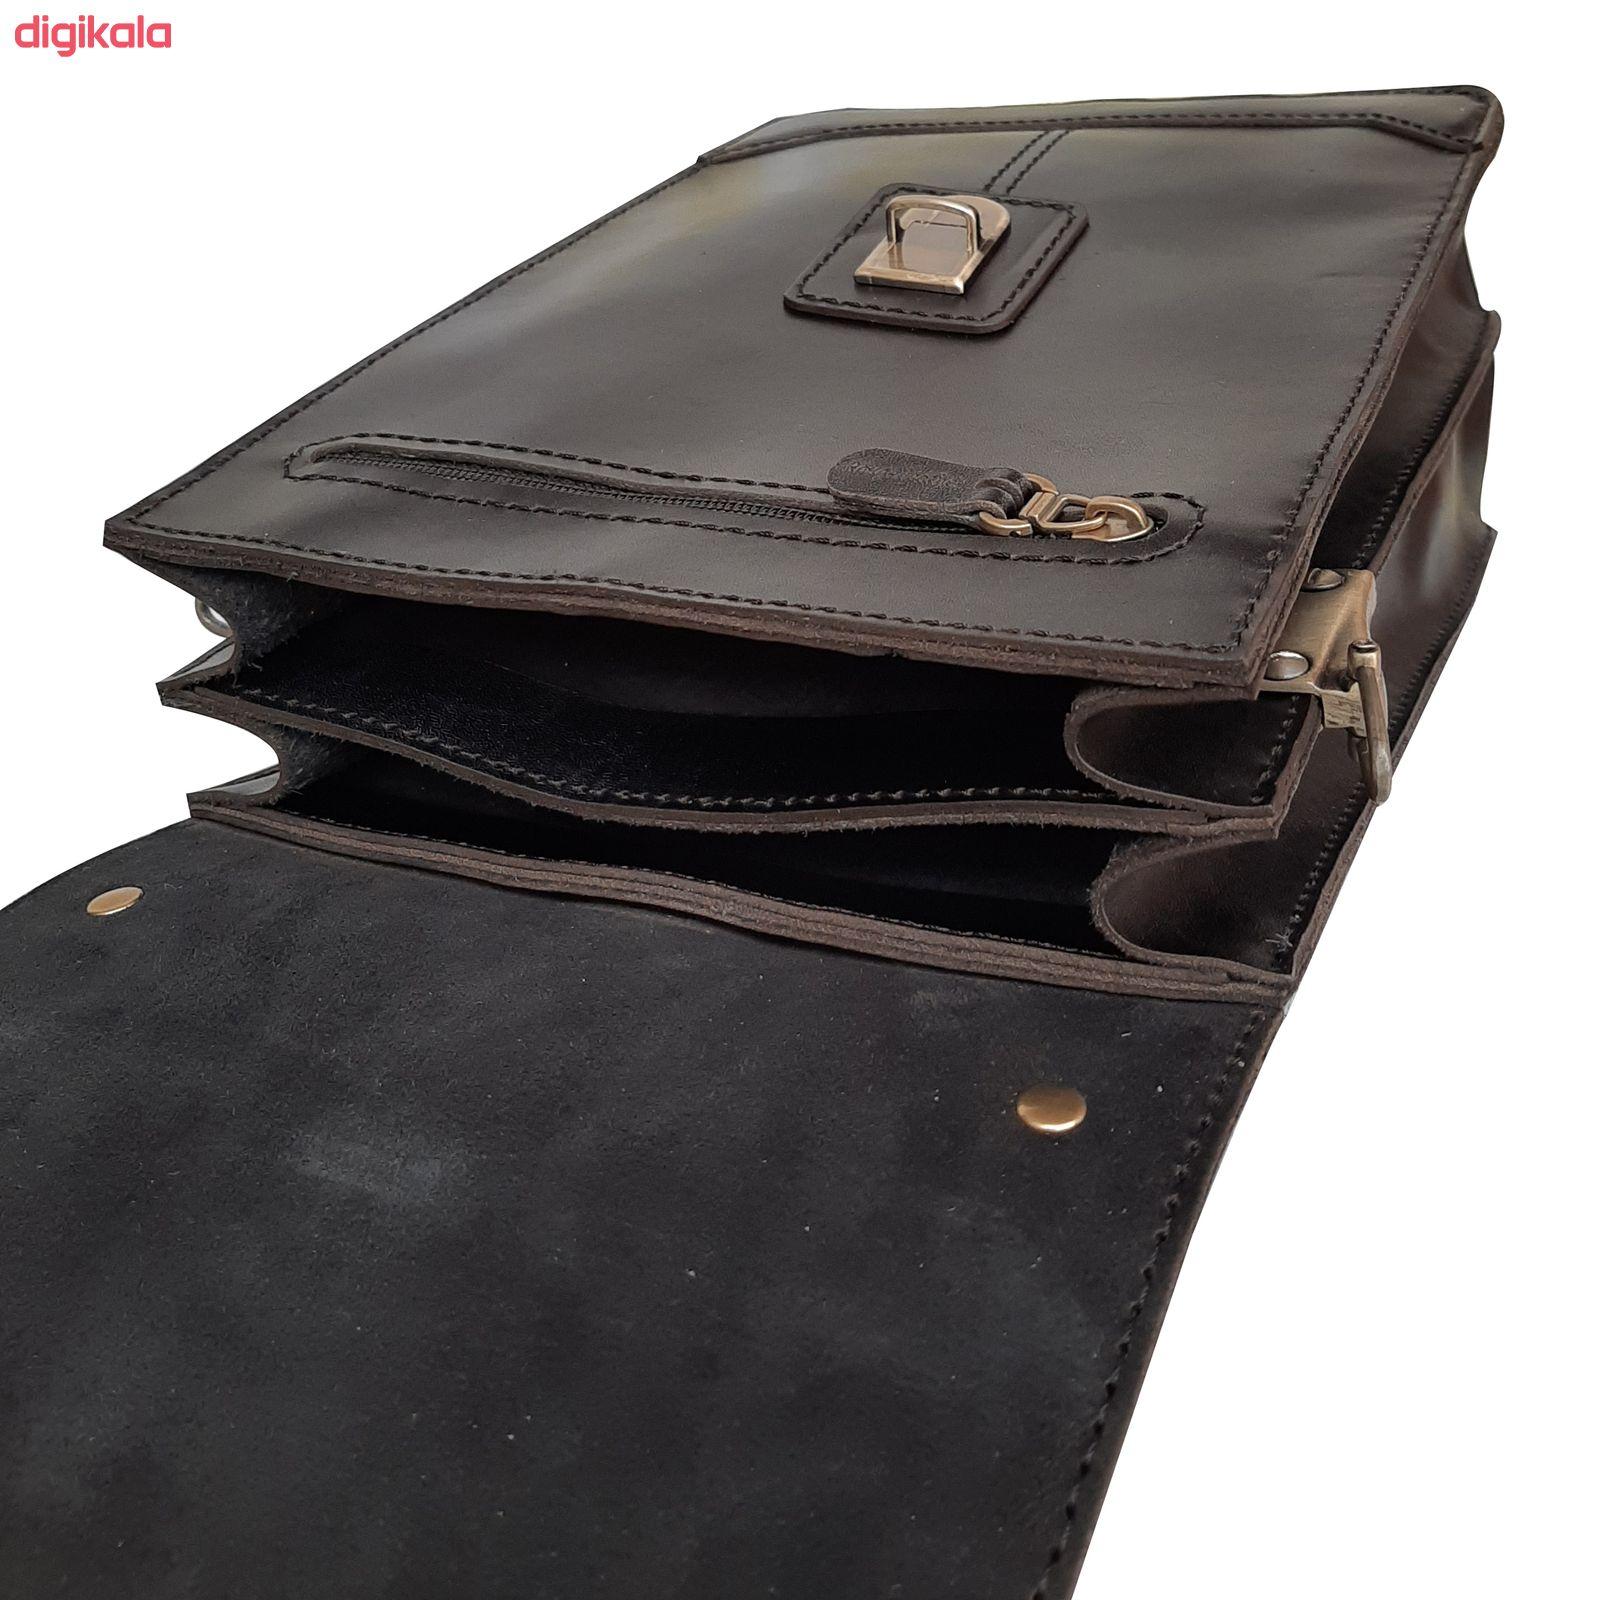 کیف دوشی مردانه چرم روژه مدل ES01B main 1 2